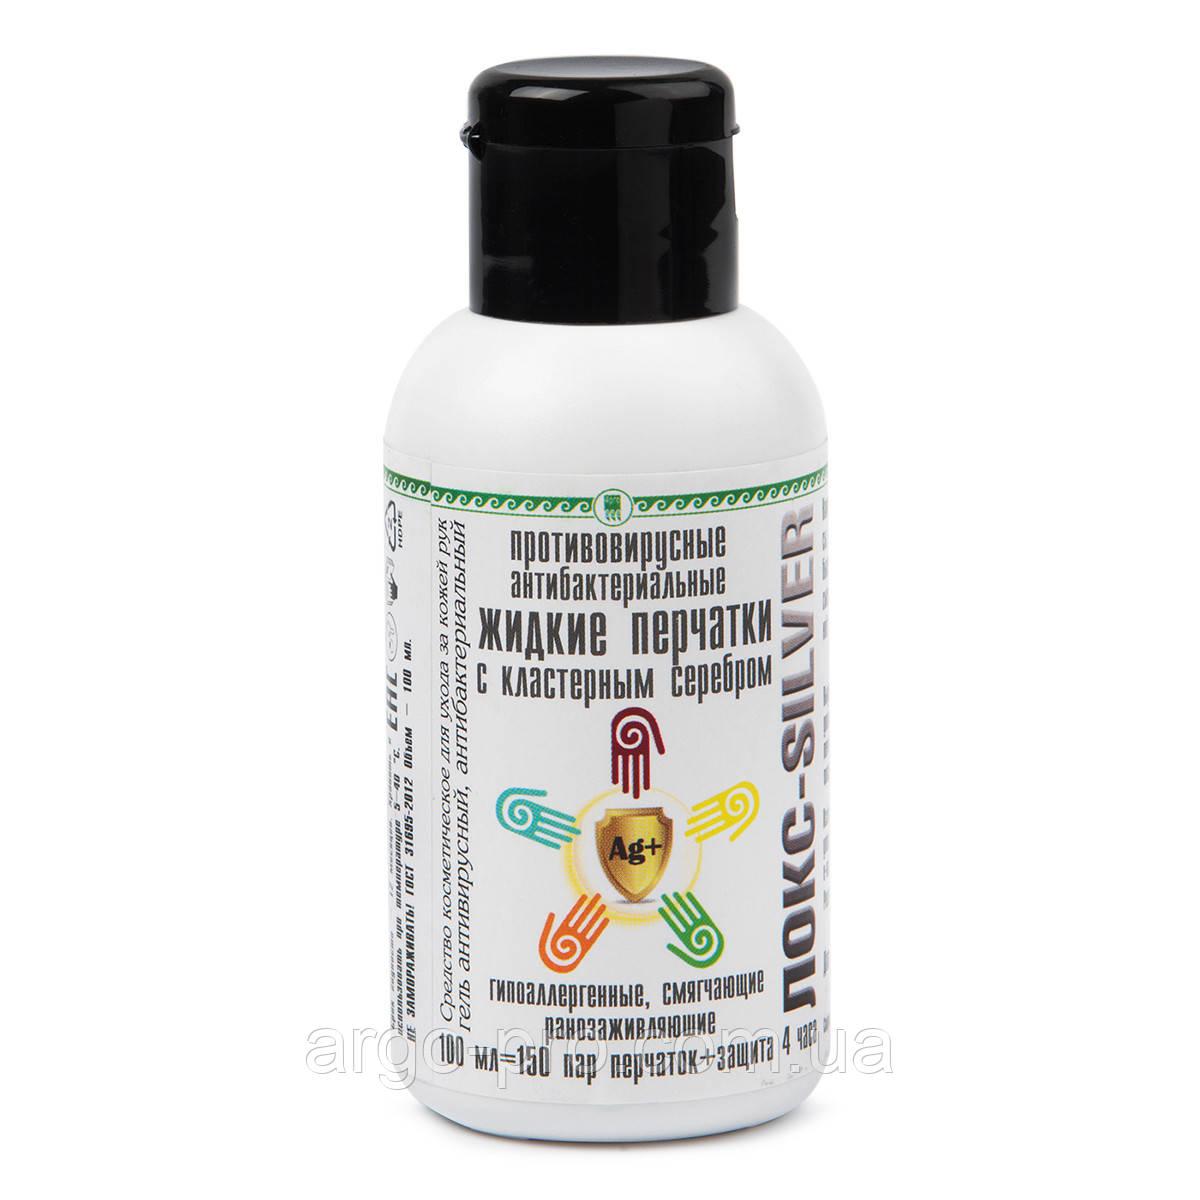 Жидкие перчатки гель для рук (альтернатива 150 перчаток, действие 4 часа, вирусы, микробы, заживление, раны)